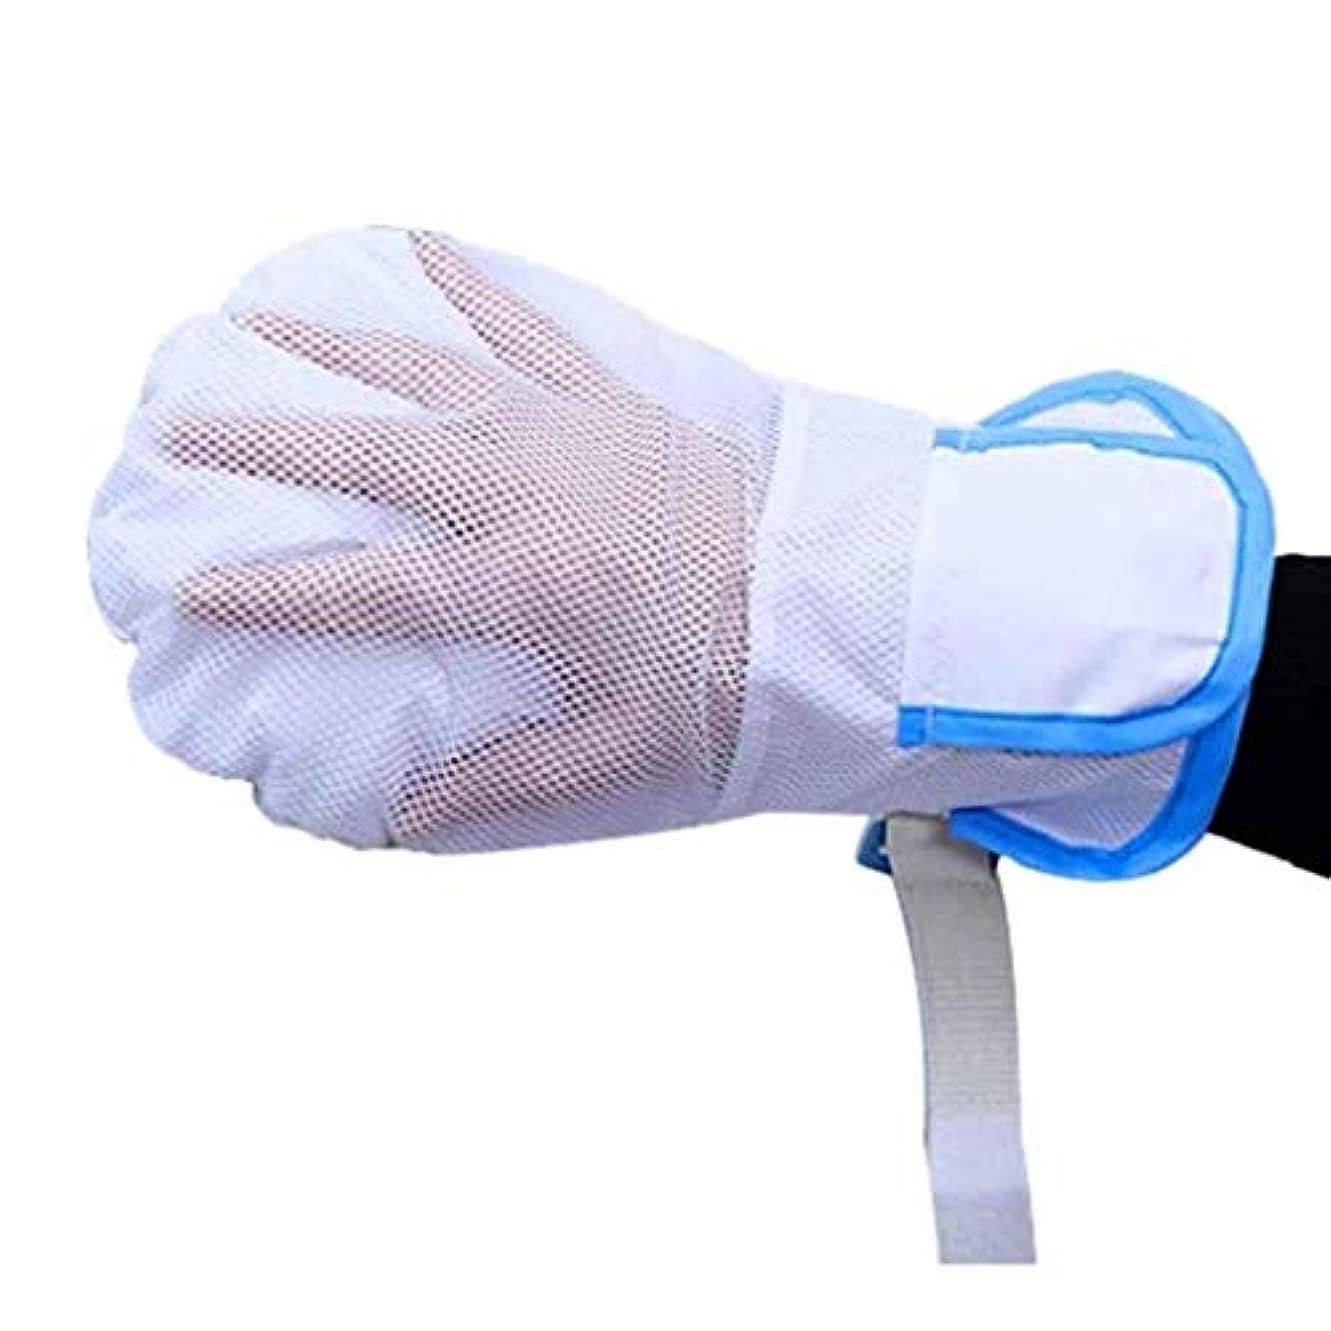 救急車使用法項目フィンガーコントロールミット 医療用防護服患者用手感染プロテクターパッド入りミットは高齢者のための指の害を防ぐための手袋を防ぎます